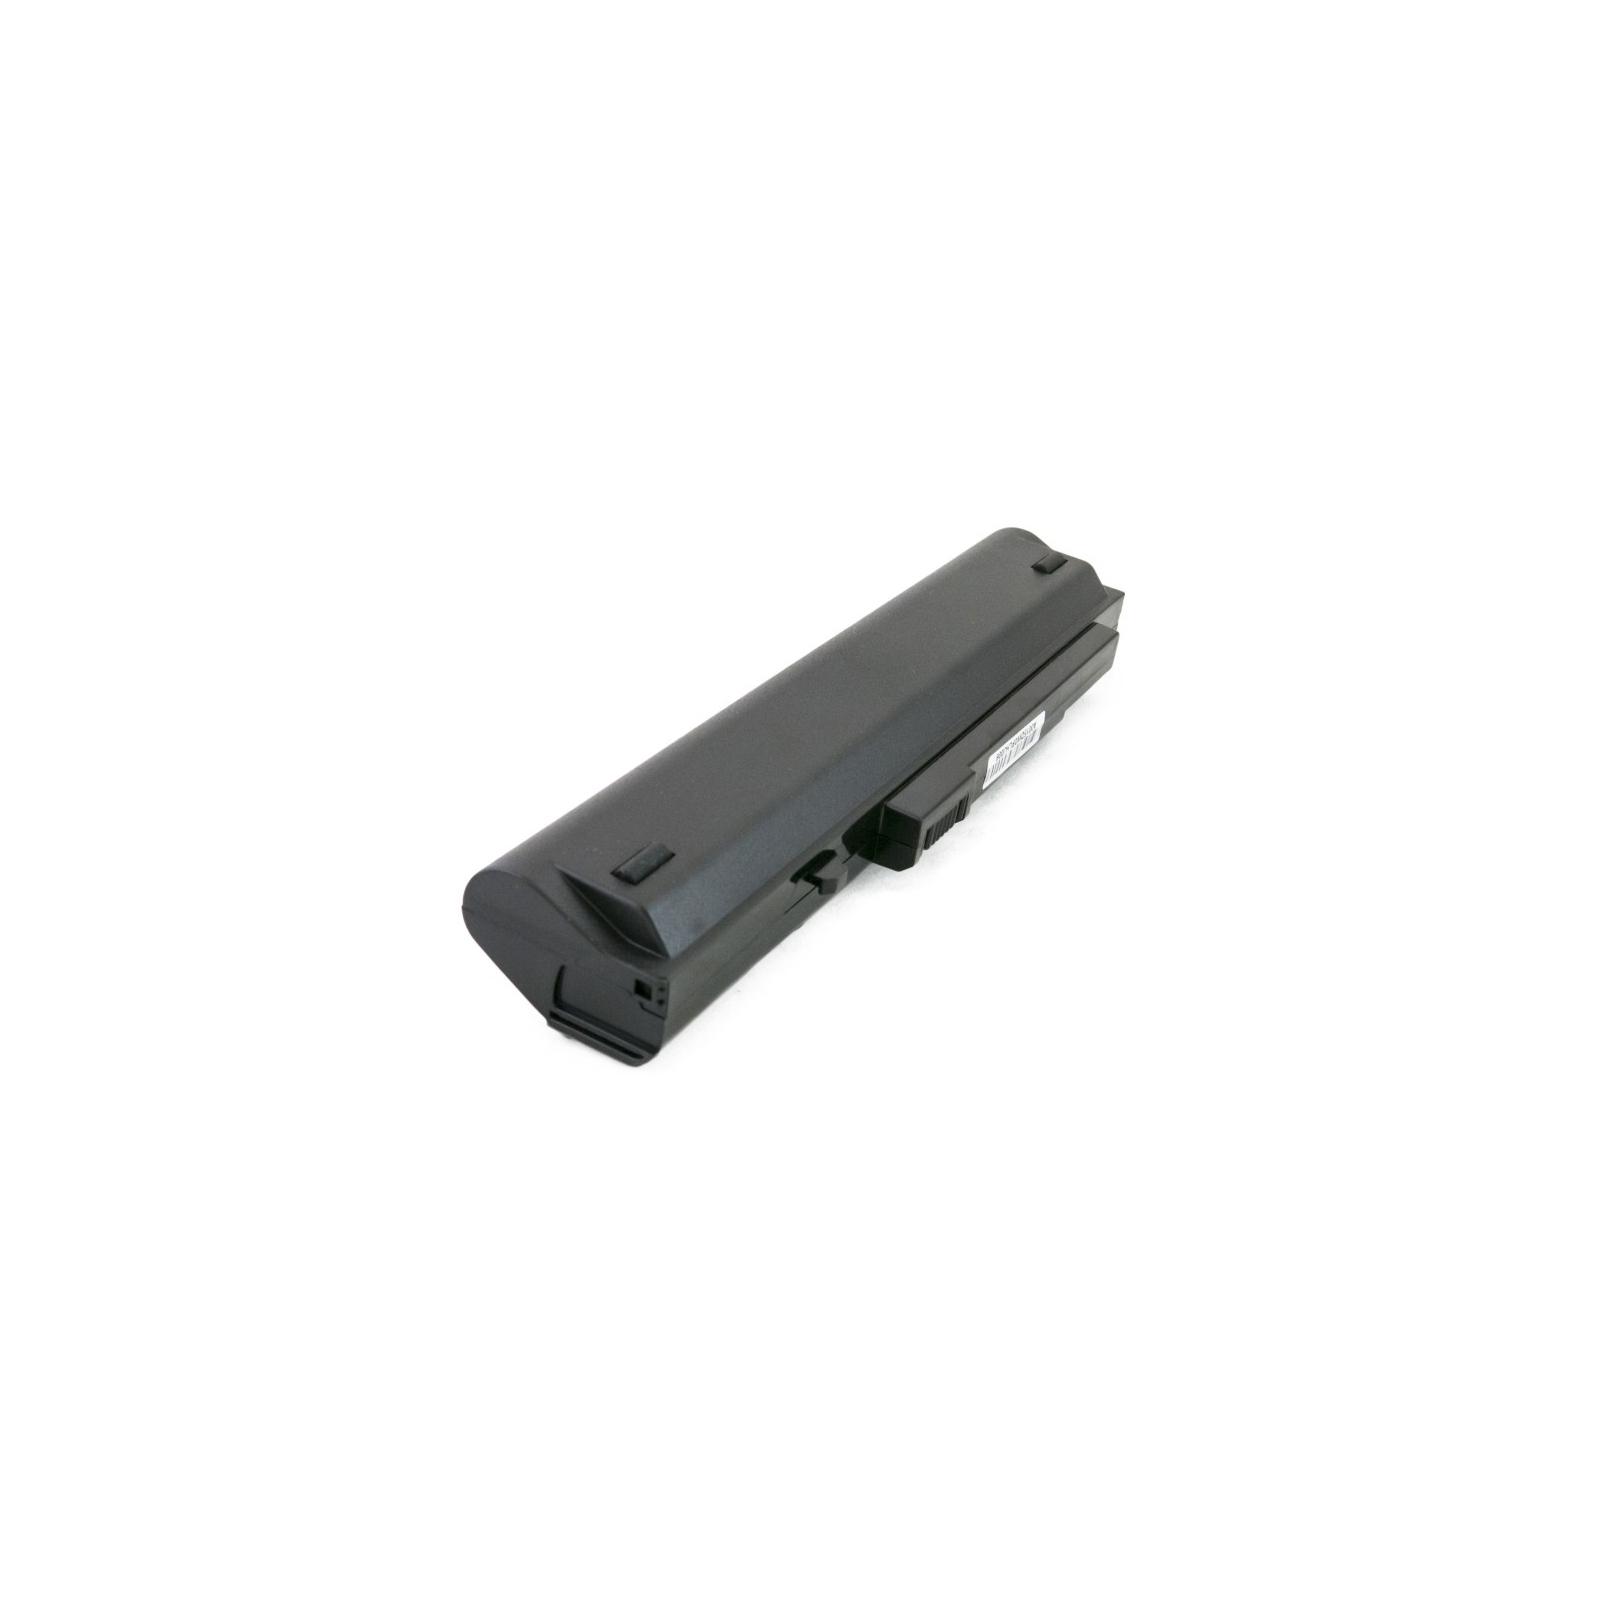 Аккумулятор для ноутбука Acer Aspire One A150 (UM08A71) 5200 mAh EXTRADIGITAL (BNA3914) изображение 3